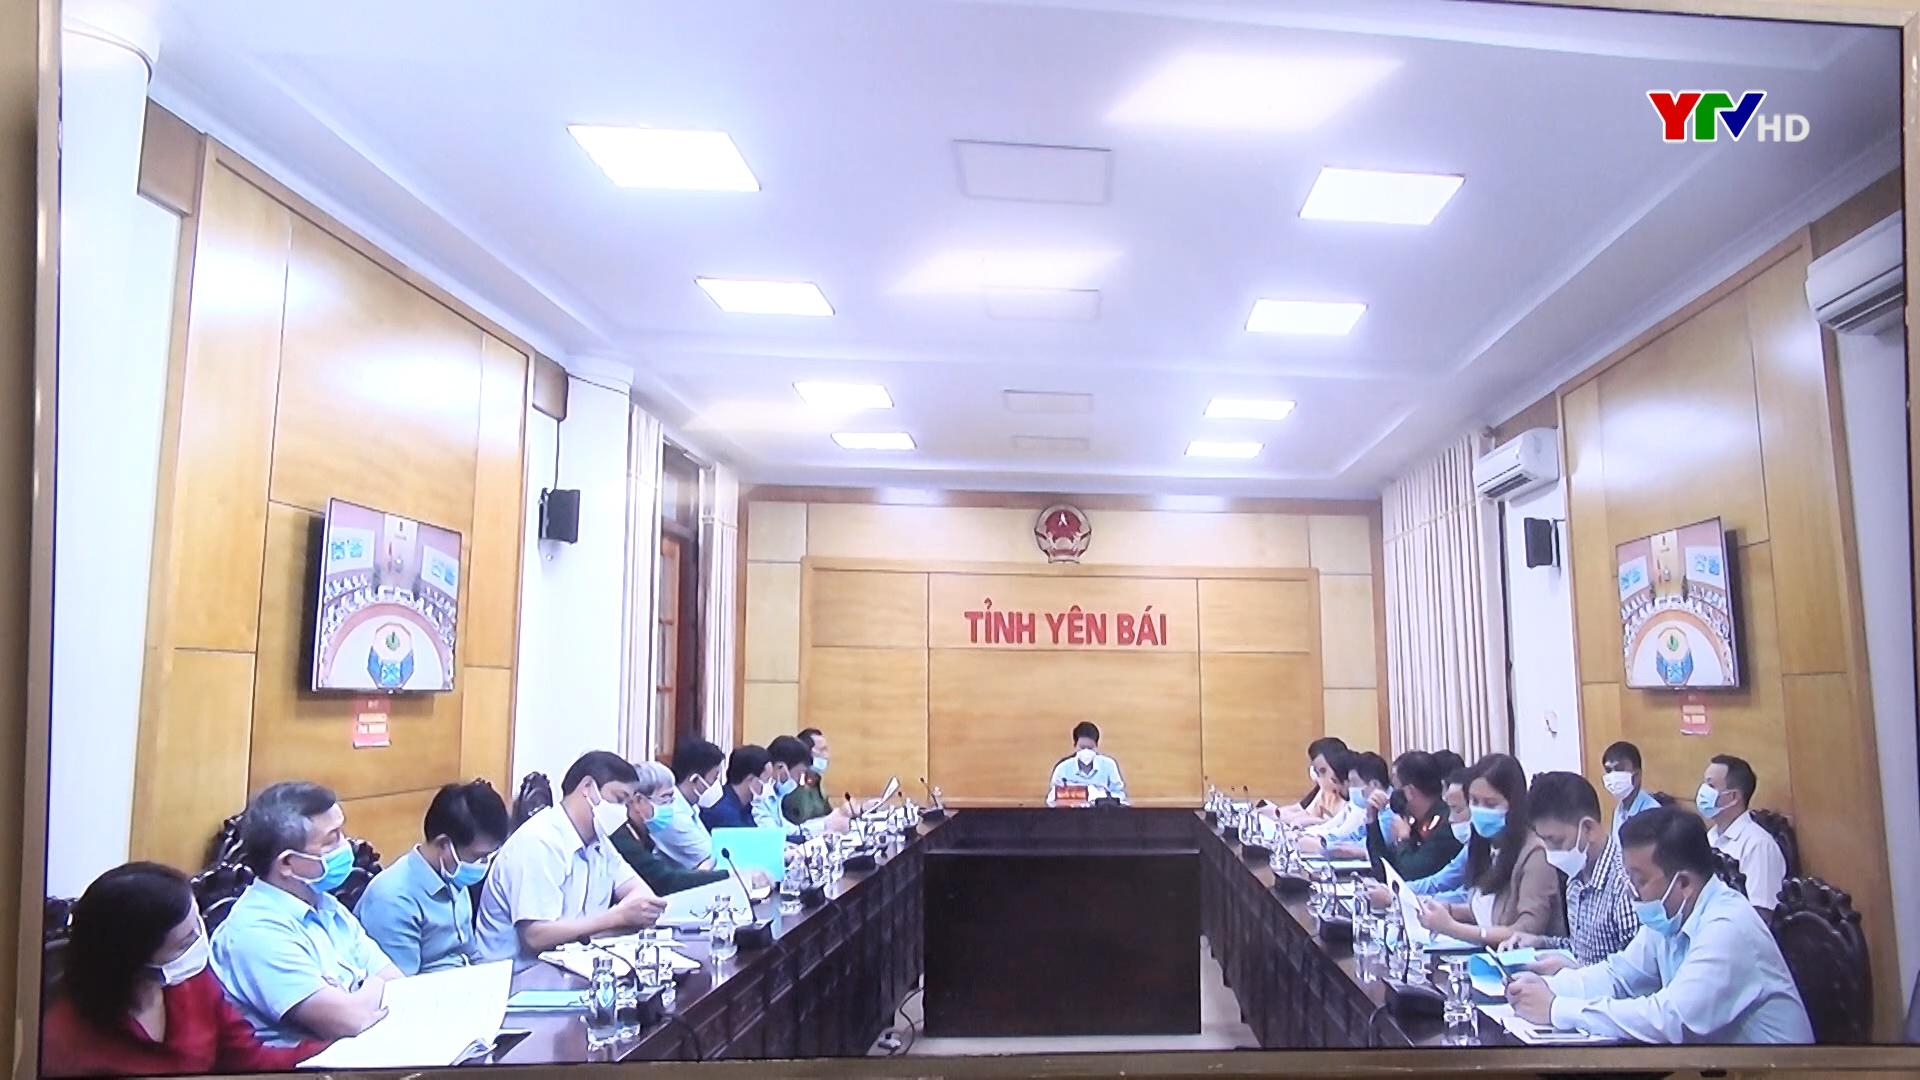 Tỉnh Yên Bái dự Hội nghị trực tuyến triển khai nhiệm vụ đảm bảo trật tự ATGT quý 4/2021